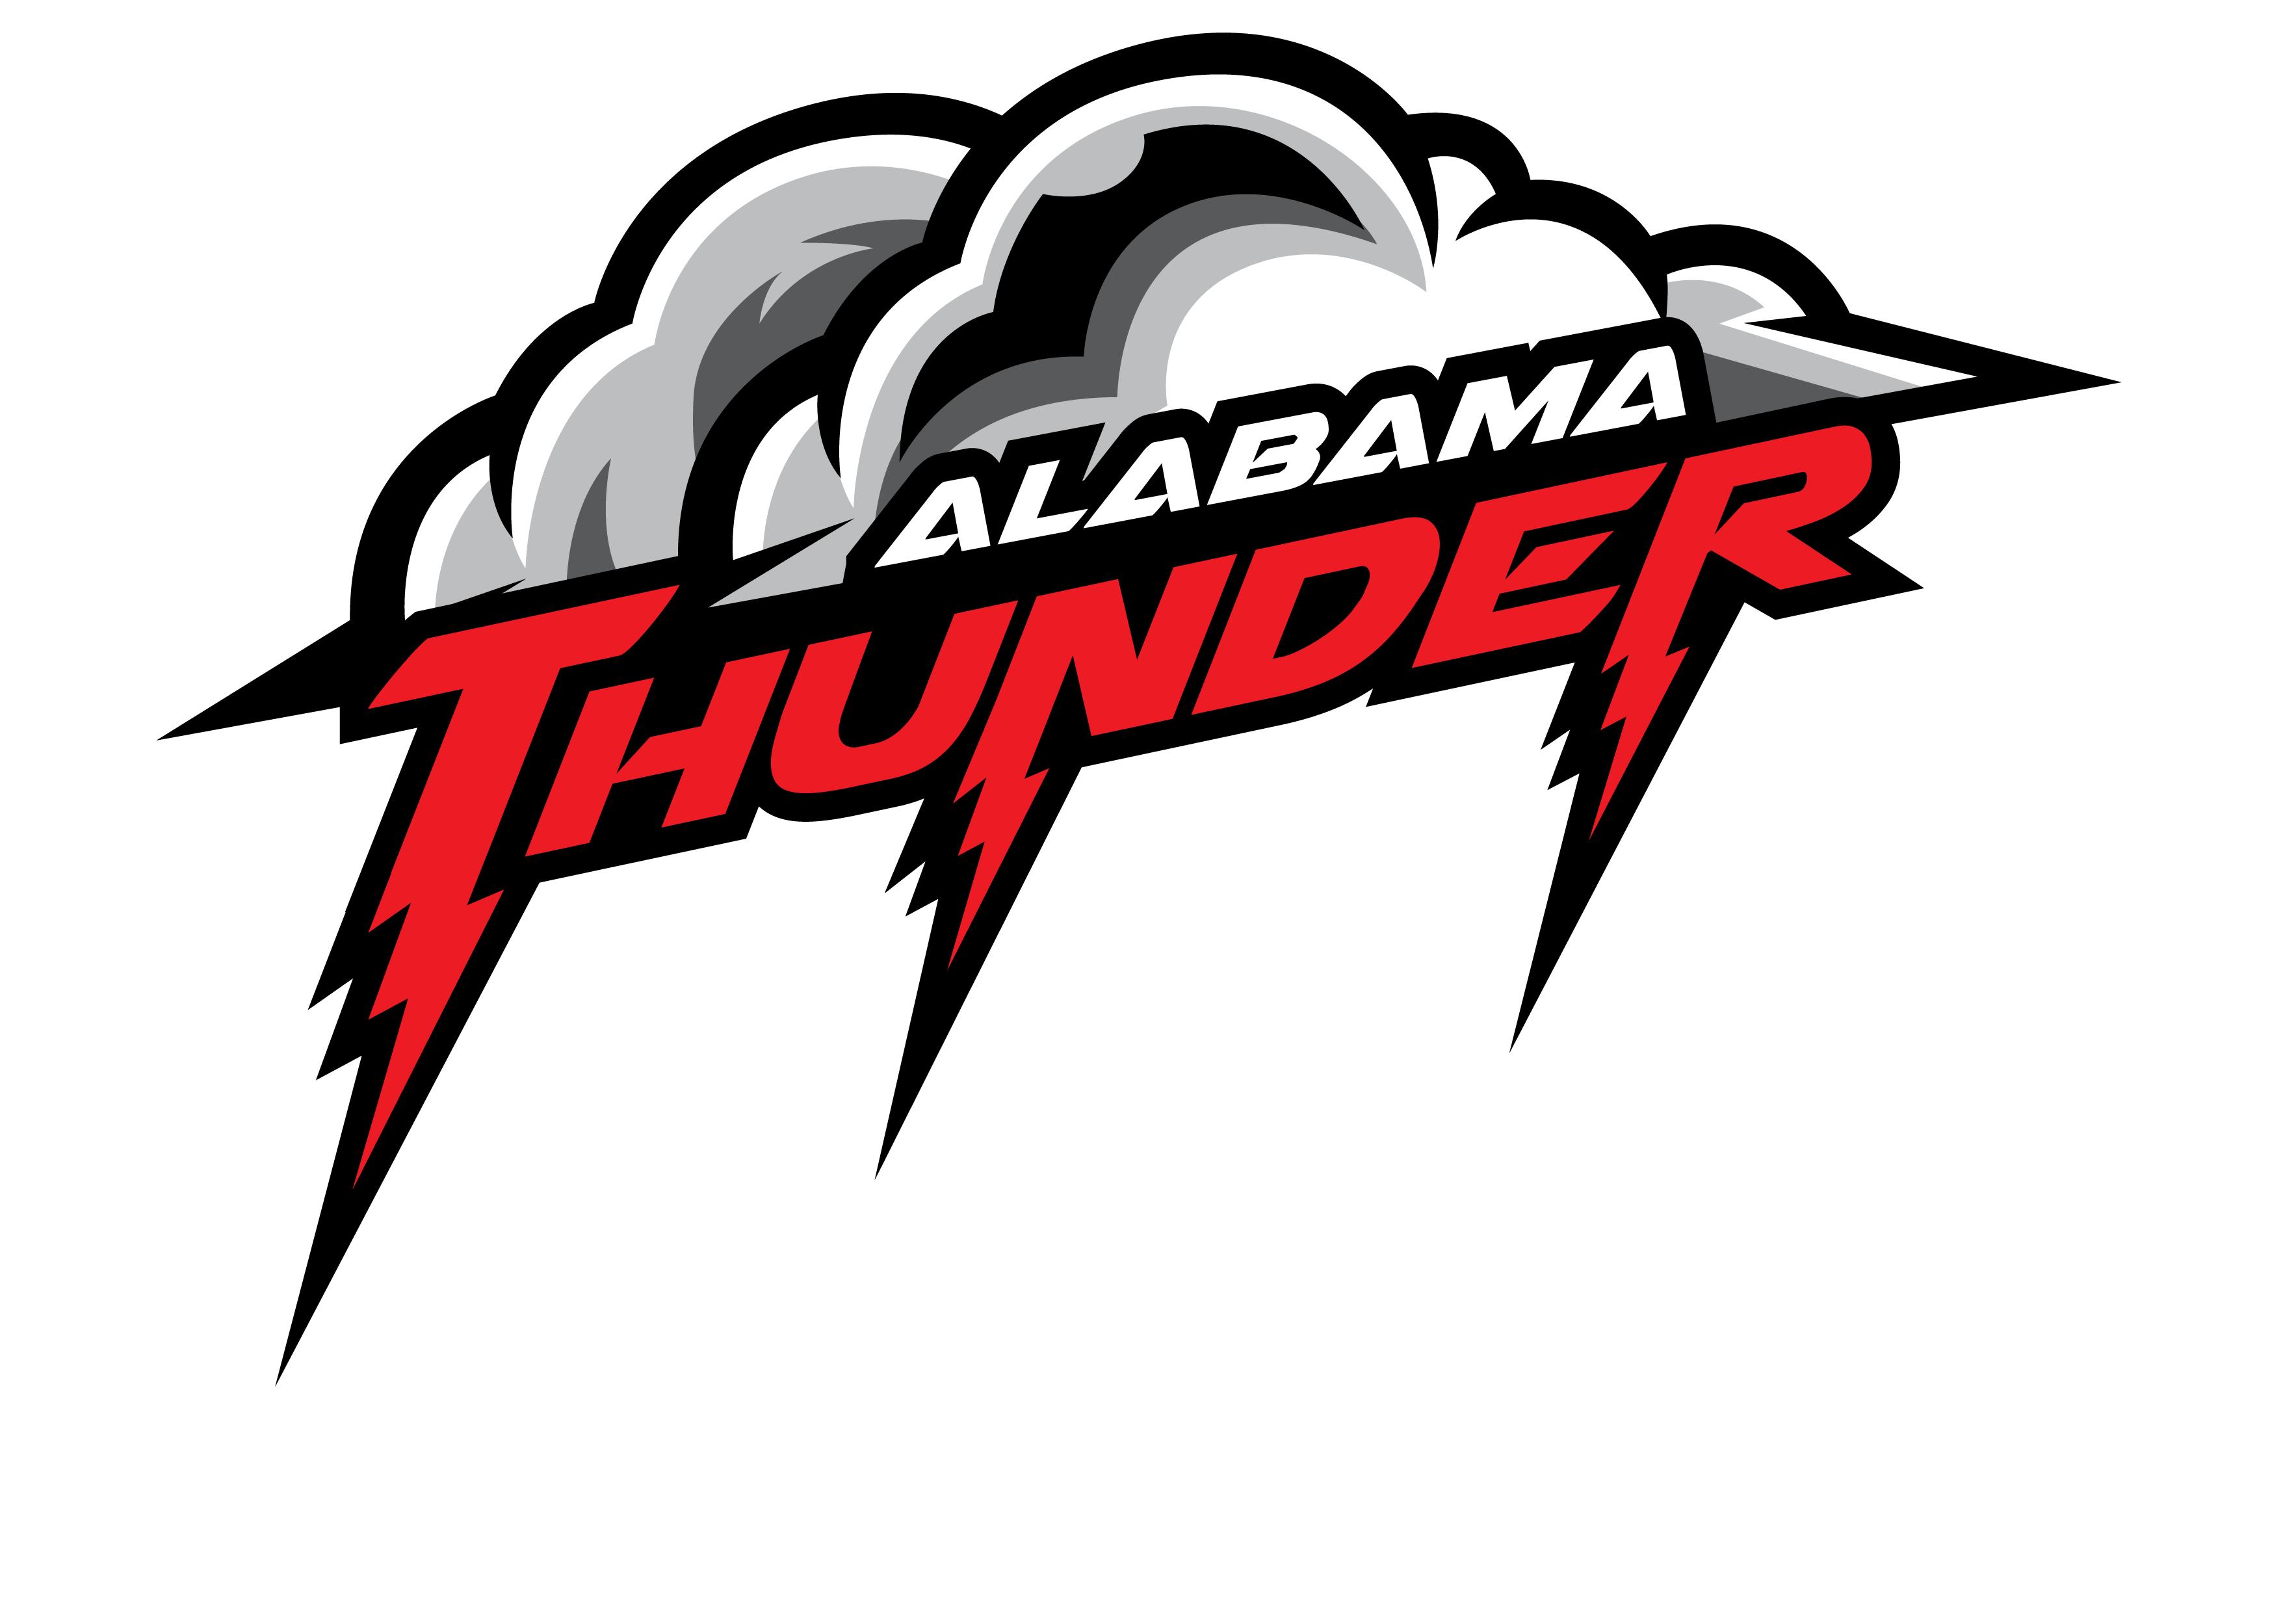 Alabama Thunder